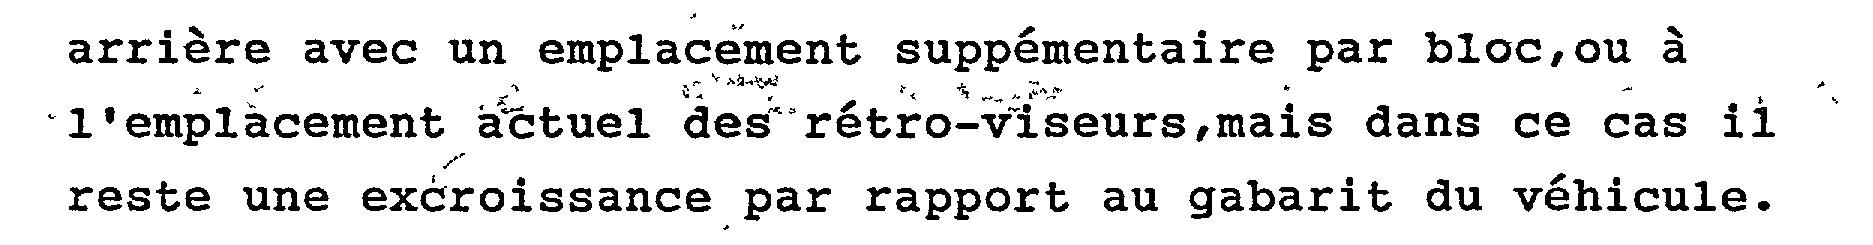 Figure img00050001